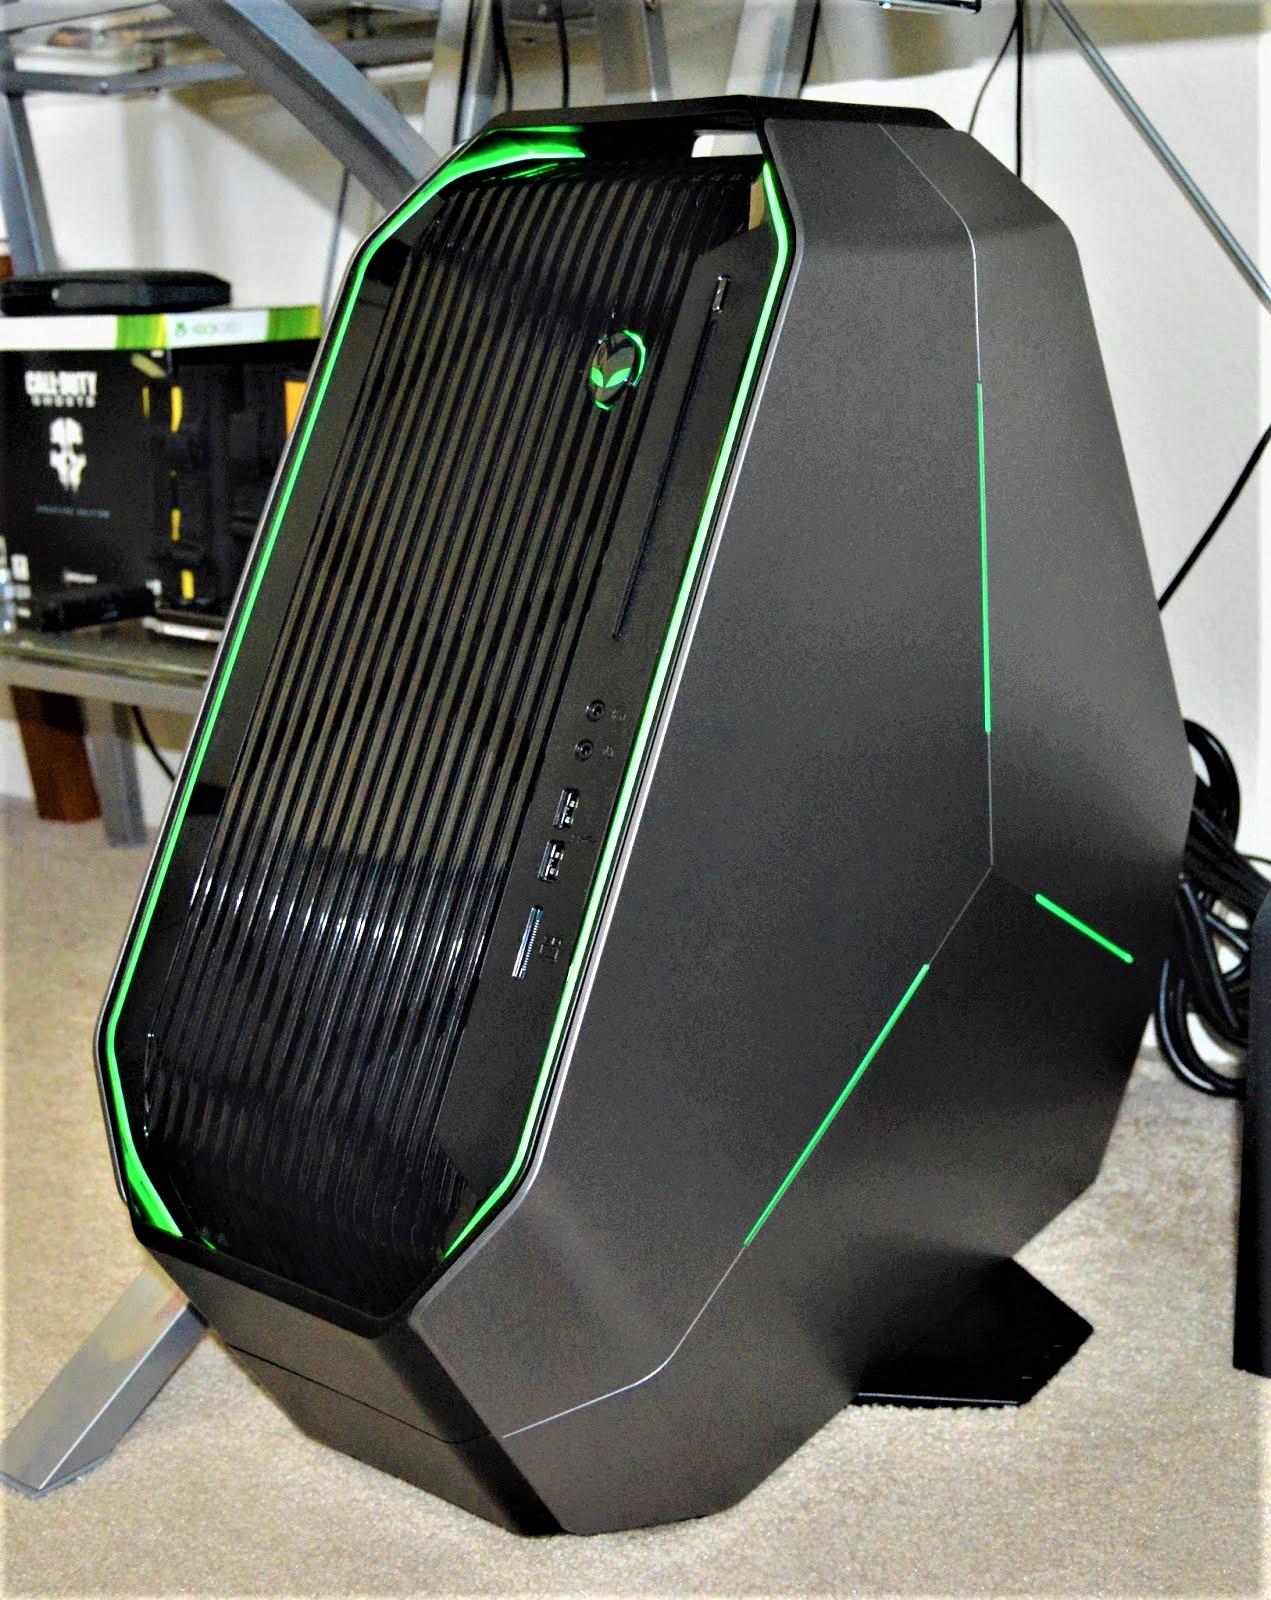 StudioYale: Alienware Area 51 R2 Upgrades